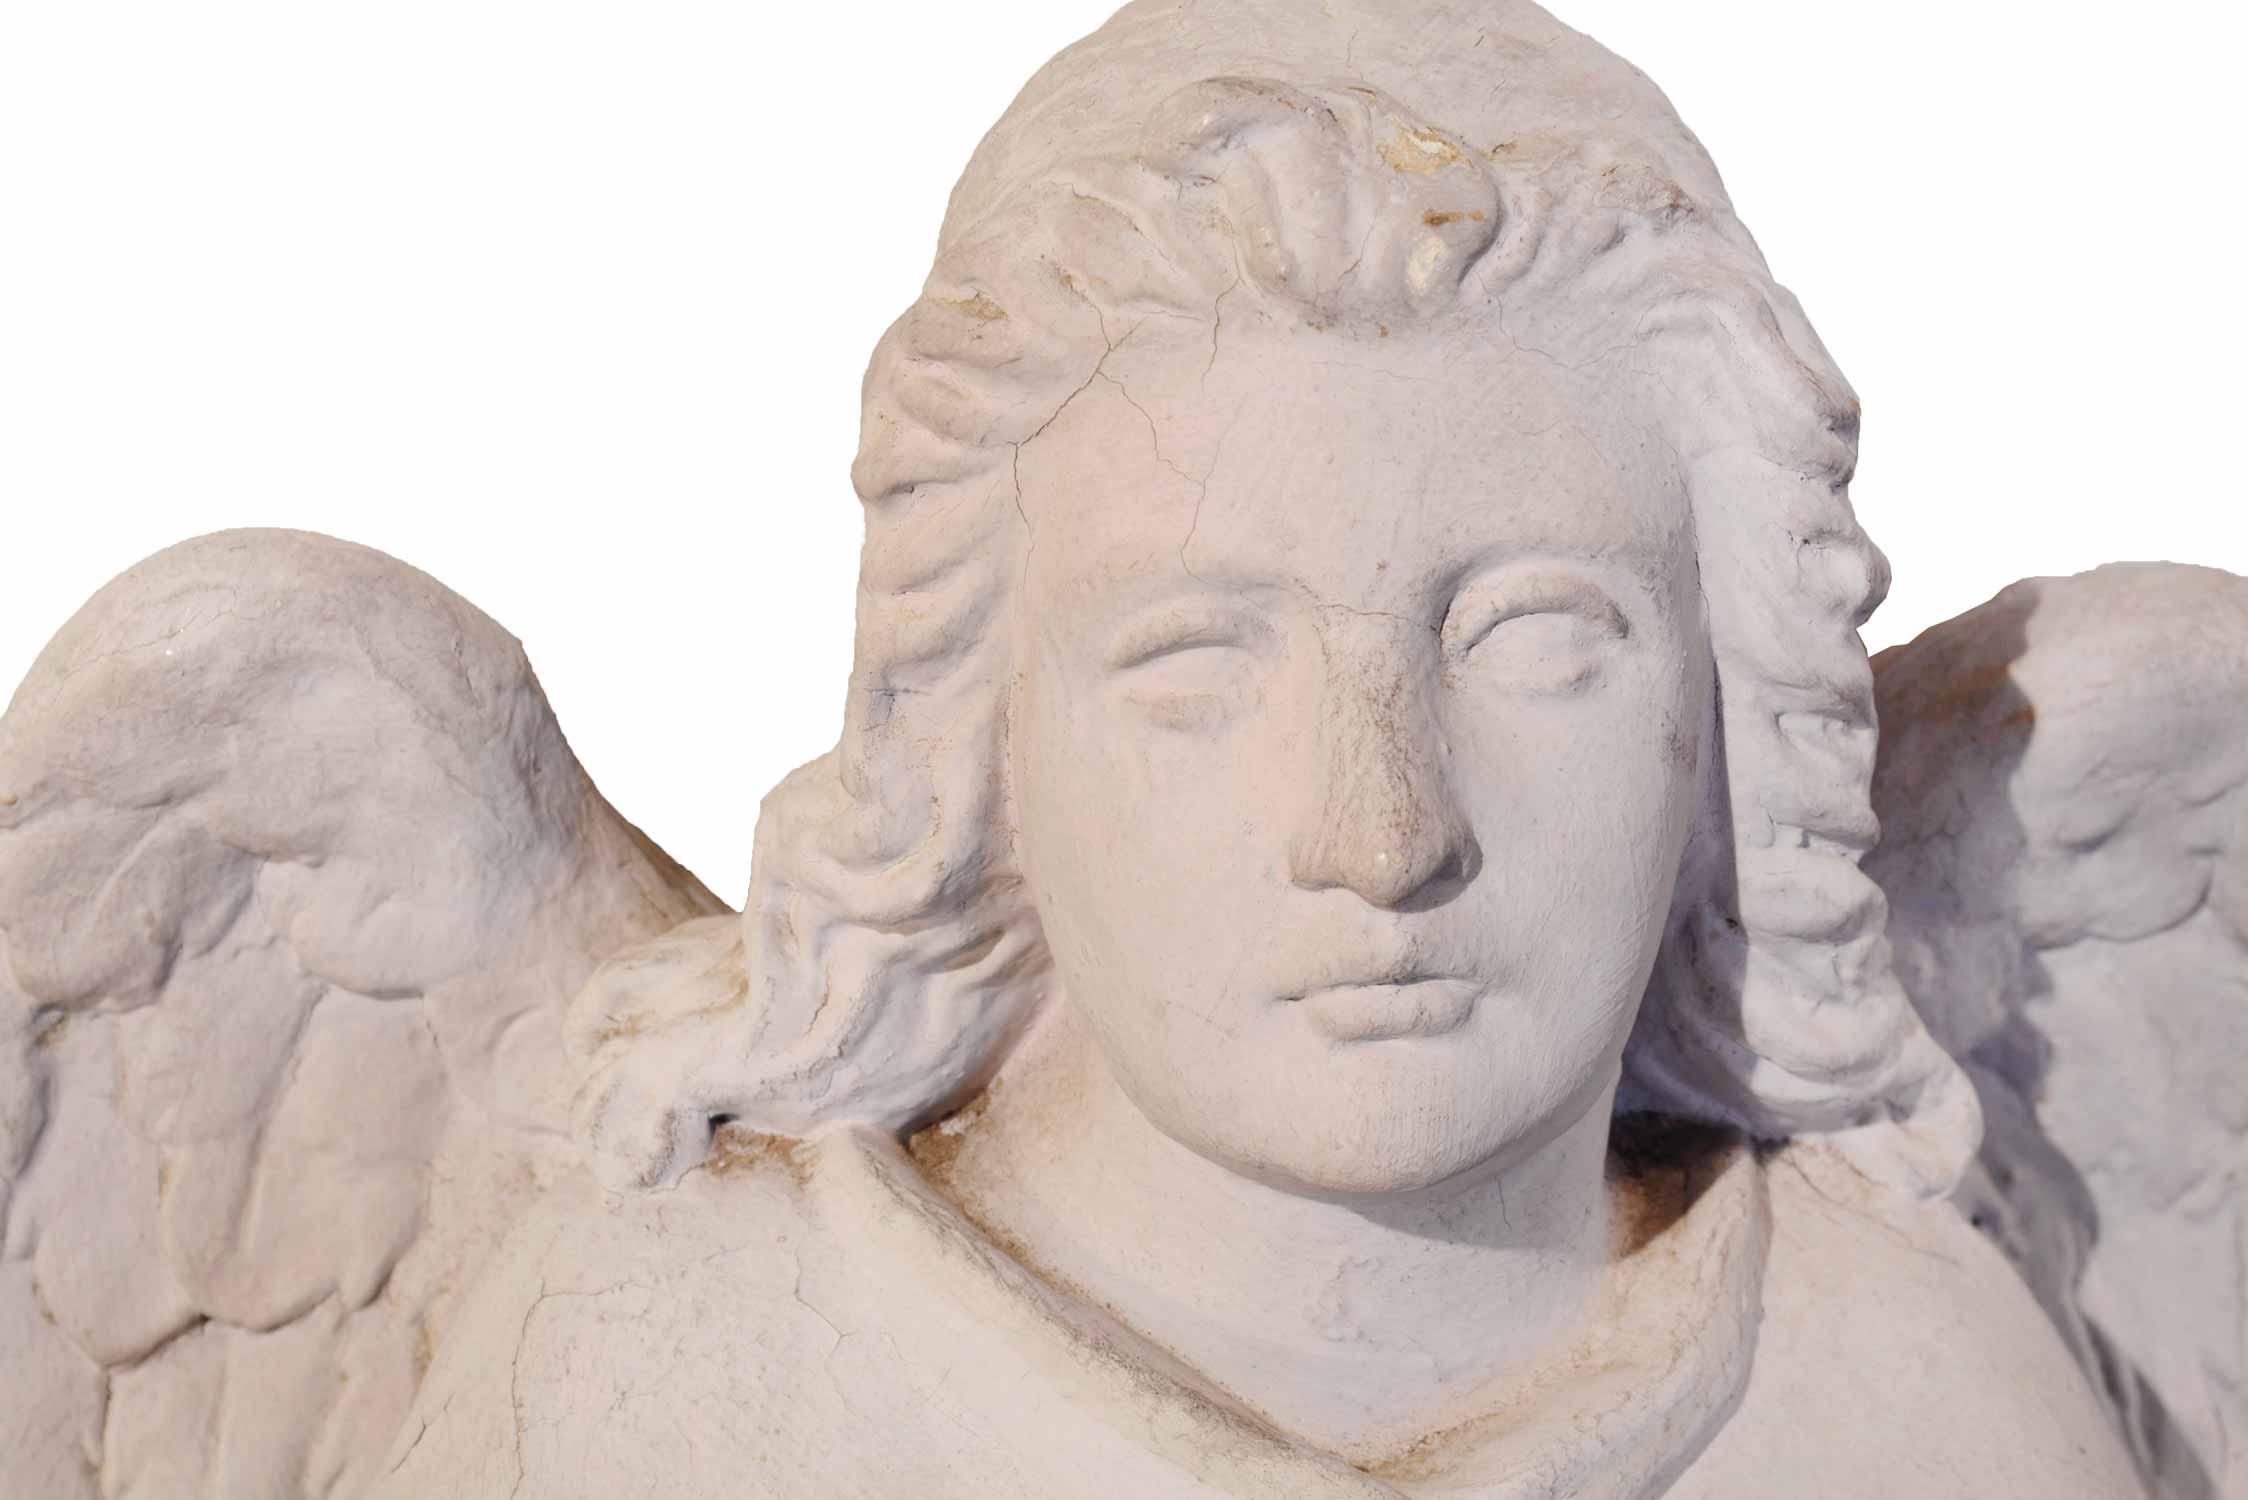 45857-angel-bust-detail.jpg